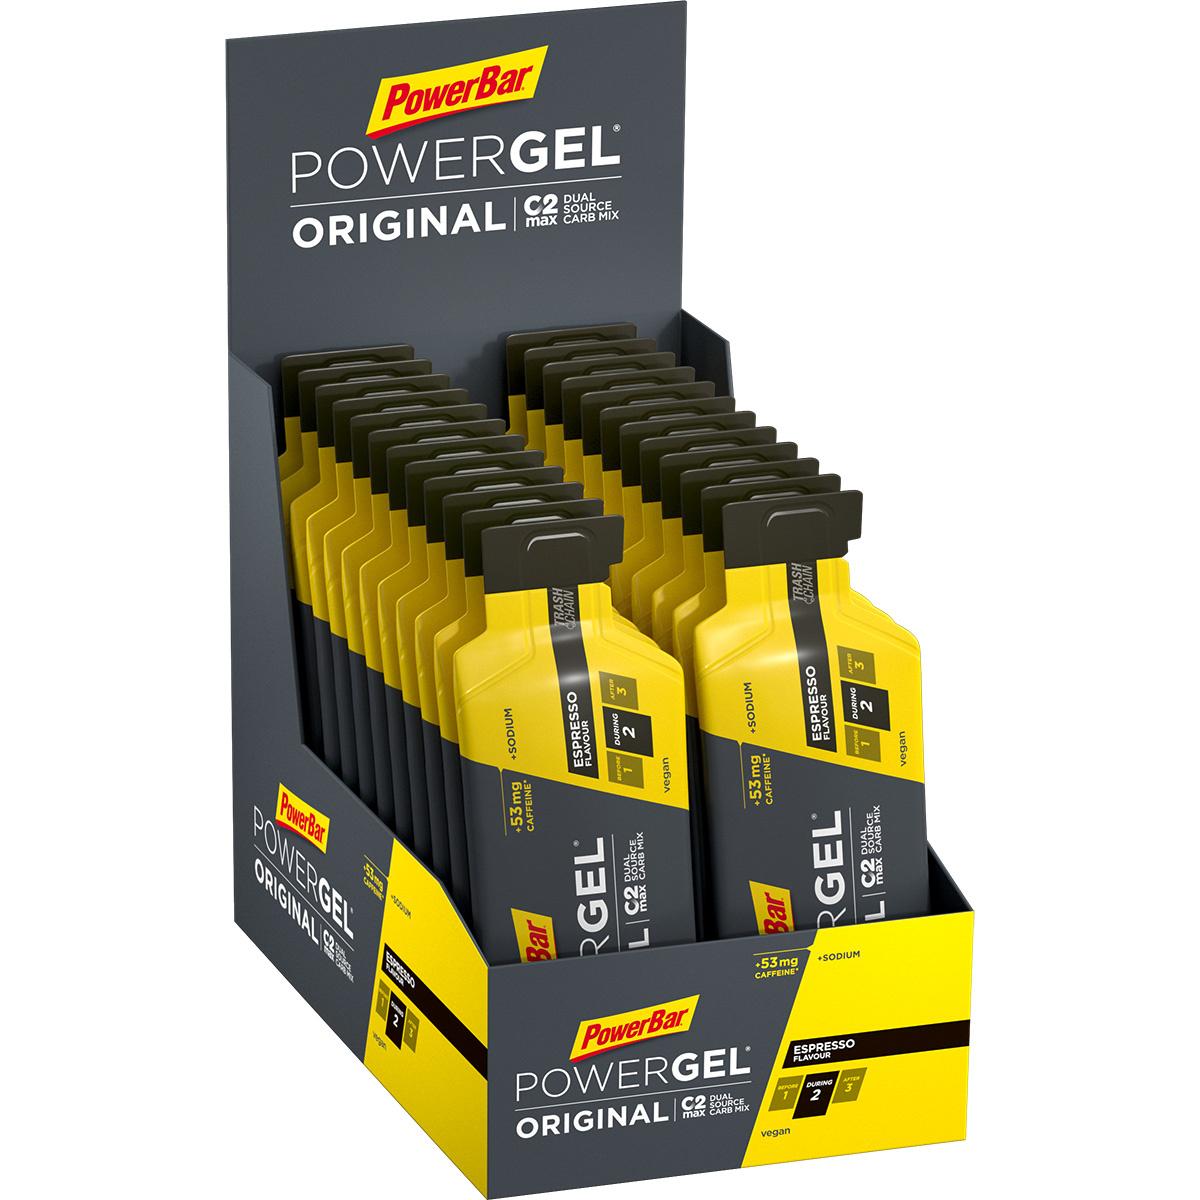 PowerBar PowerGel Original - Espresso-2